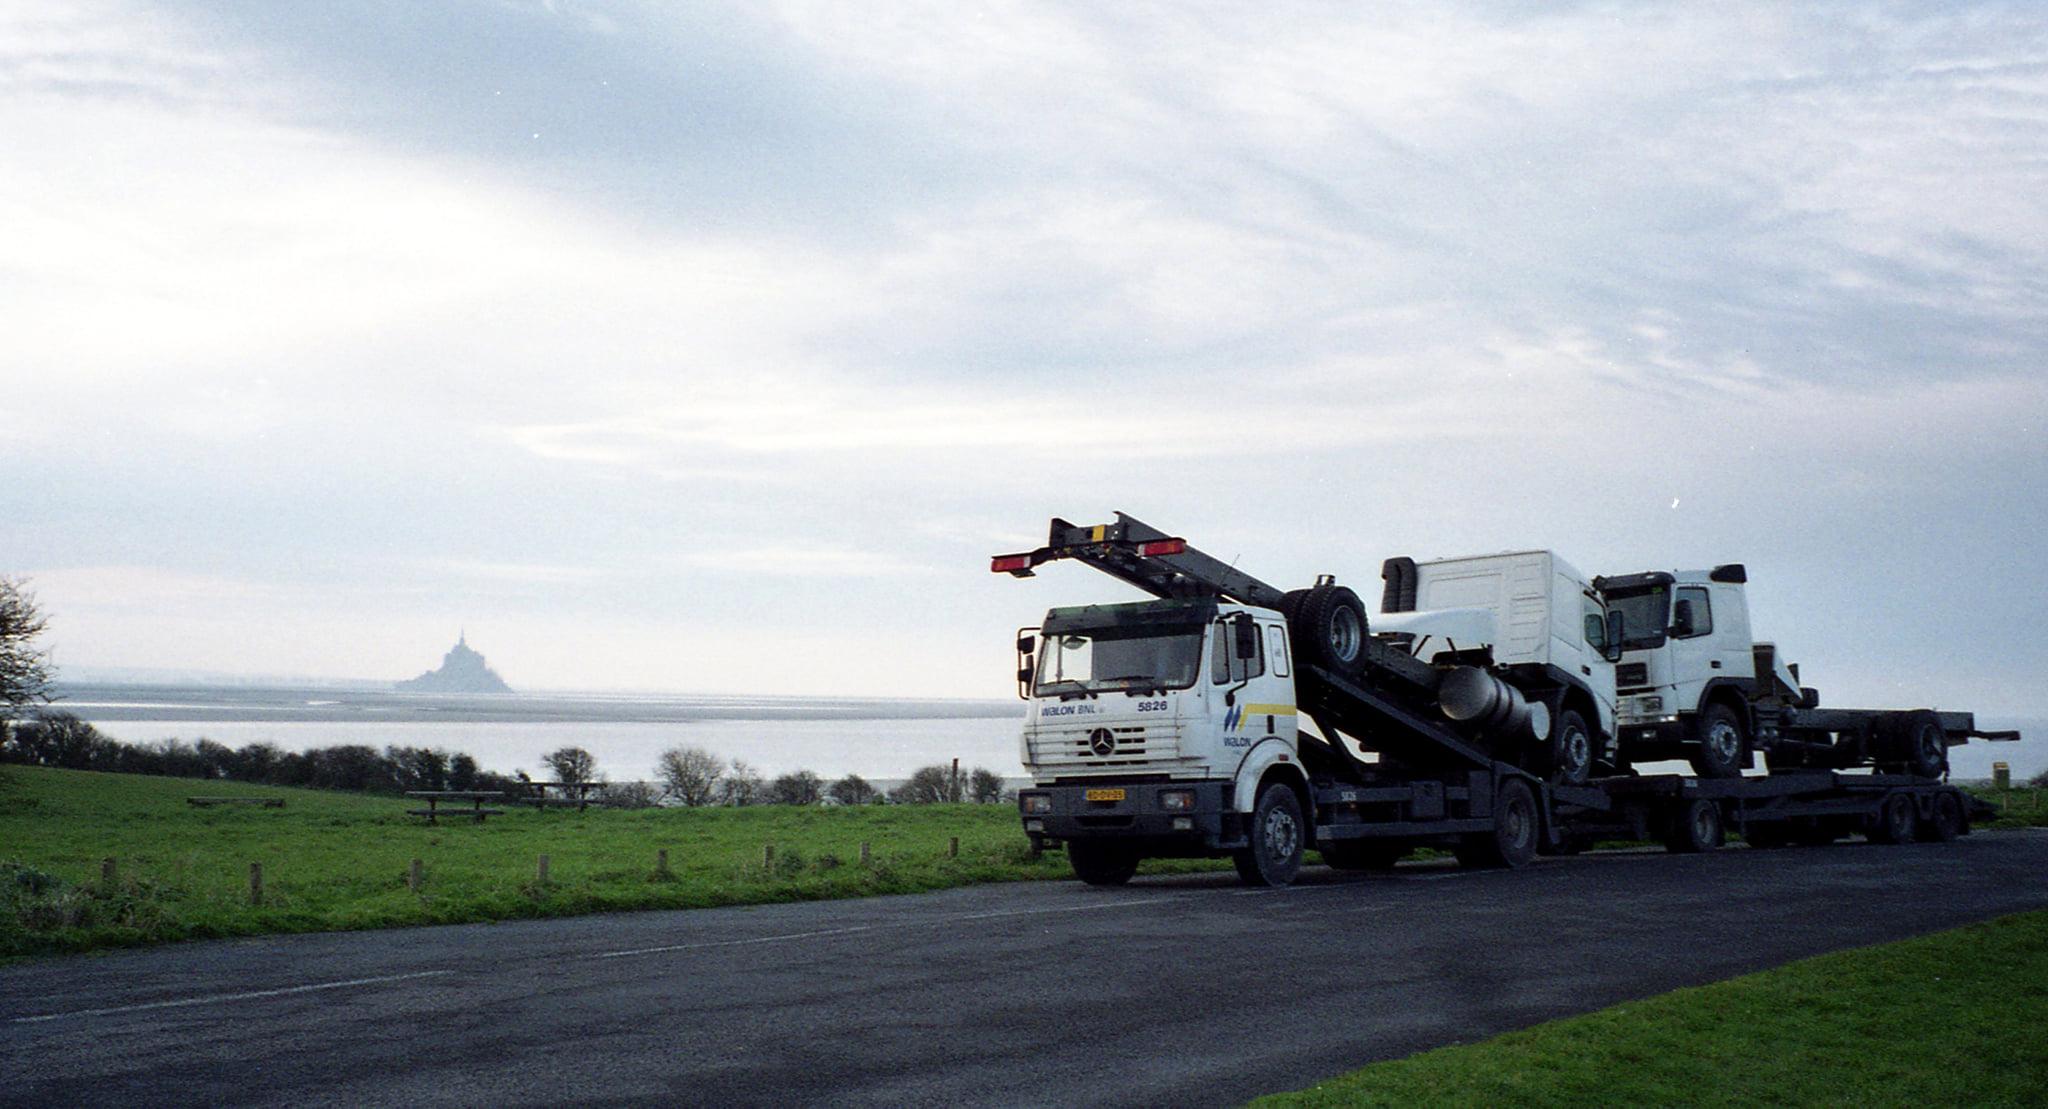 eind-2000-in-de-buurt-van-Mt-St-Michel-op-weg-naar-Phalsbourg--Ger-van-Vlimmeren-(2)